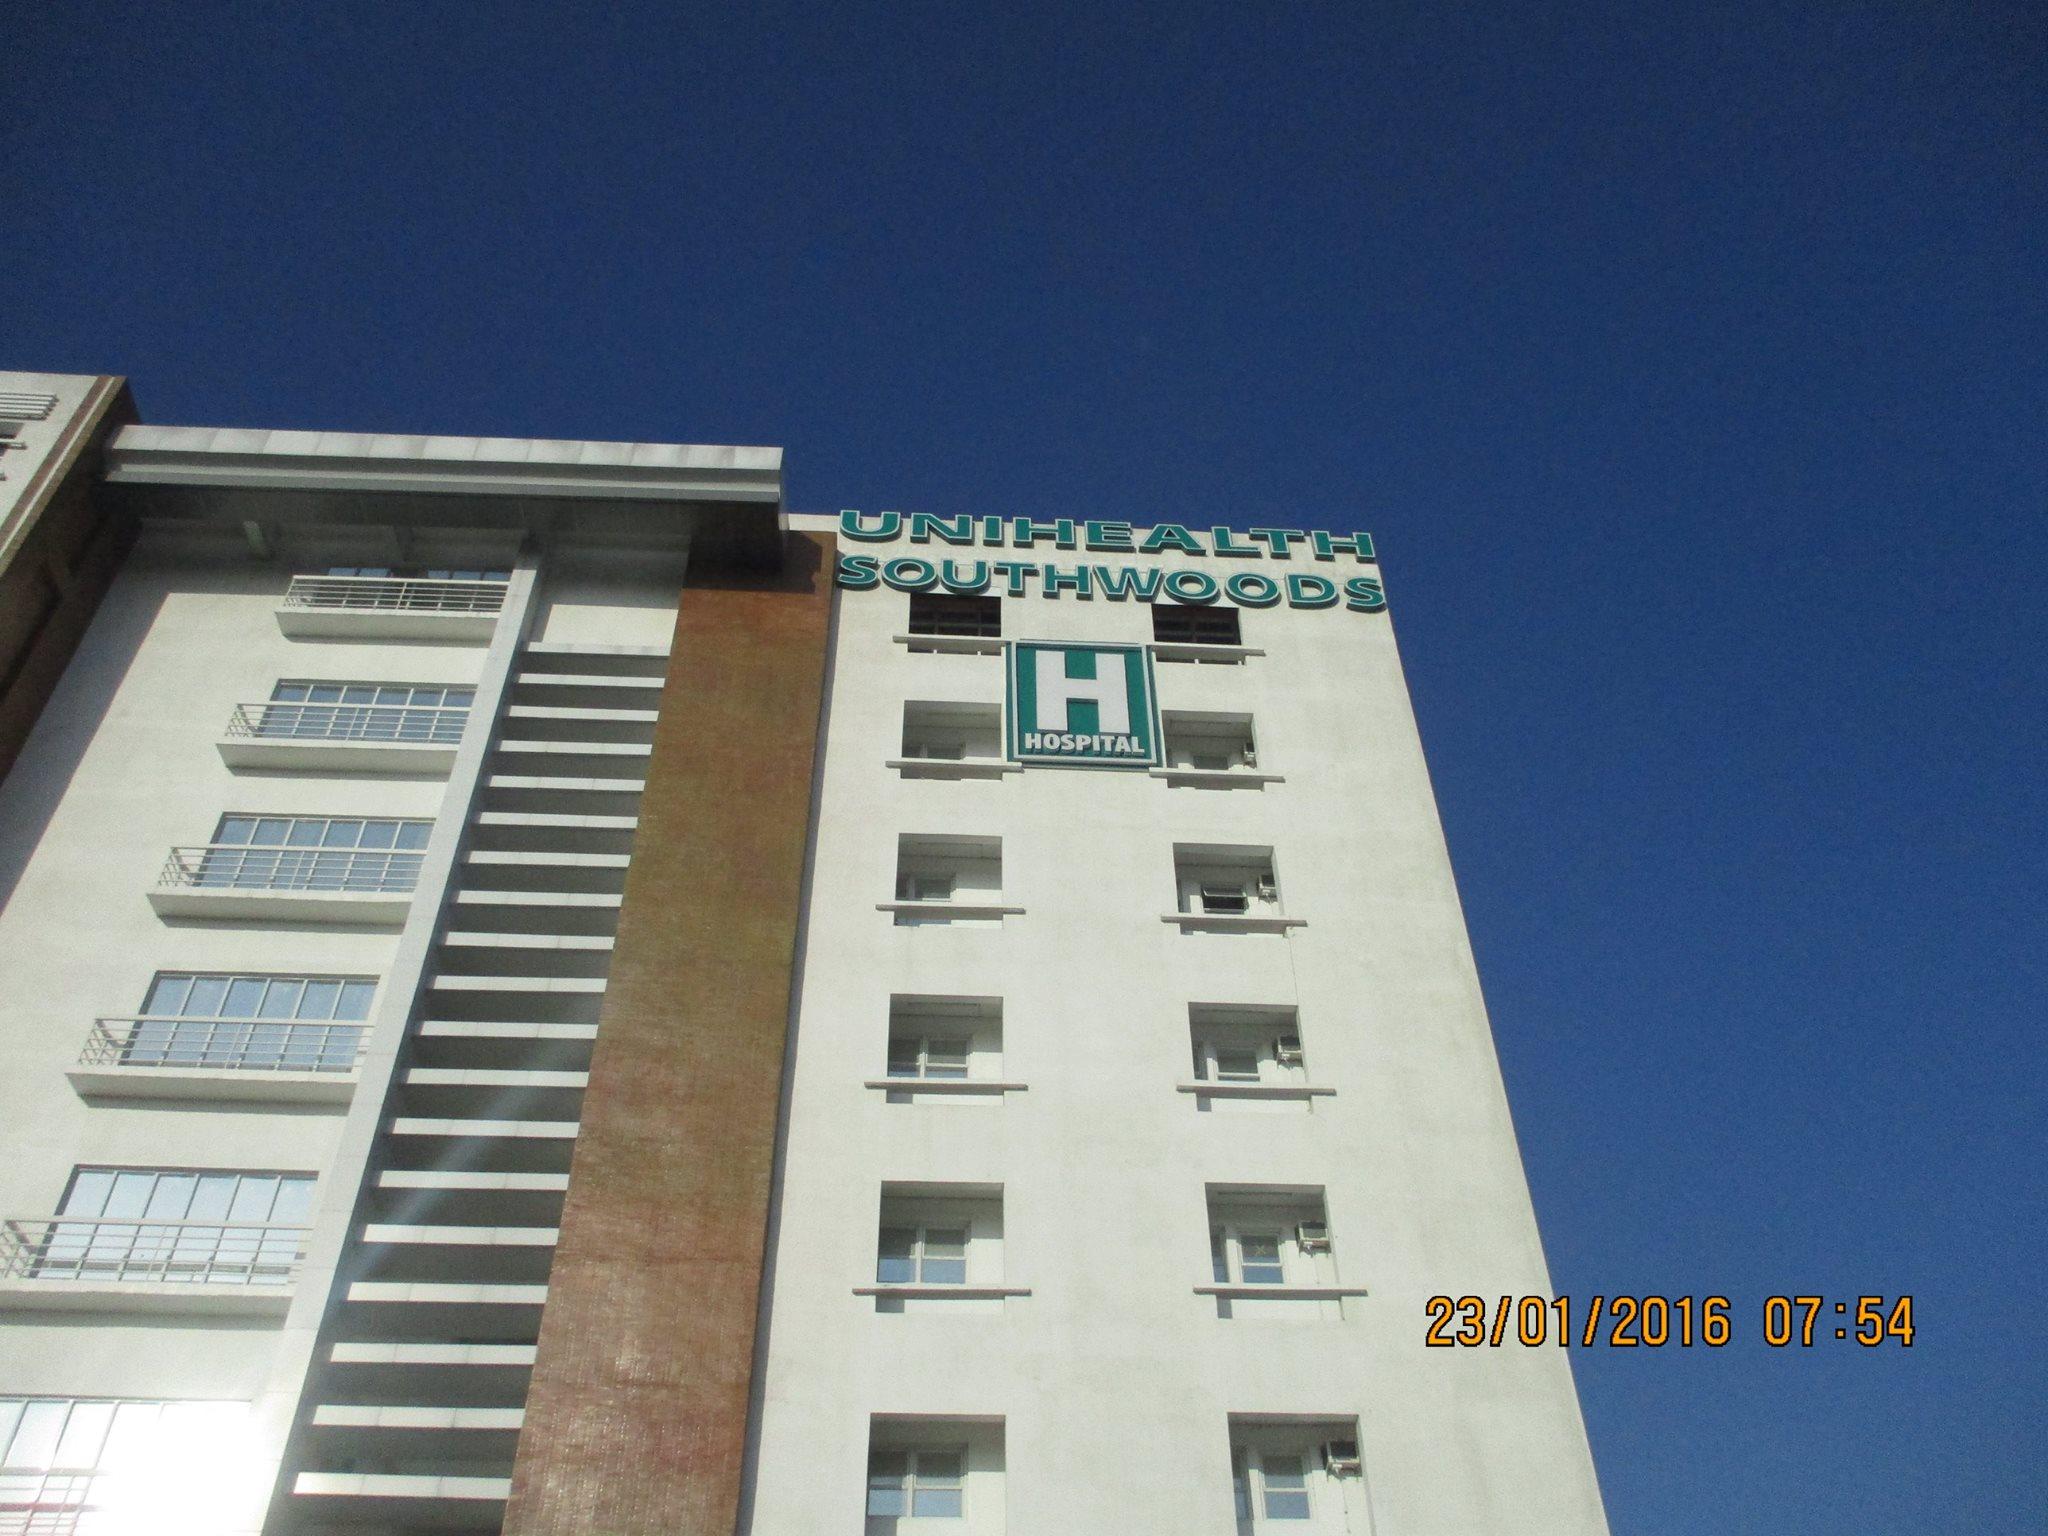 unihealth-southwoods-building-signage|acrylic sign |signage maker